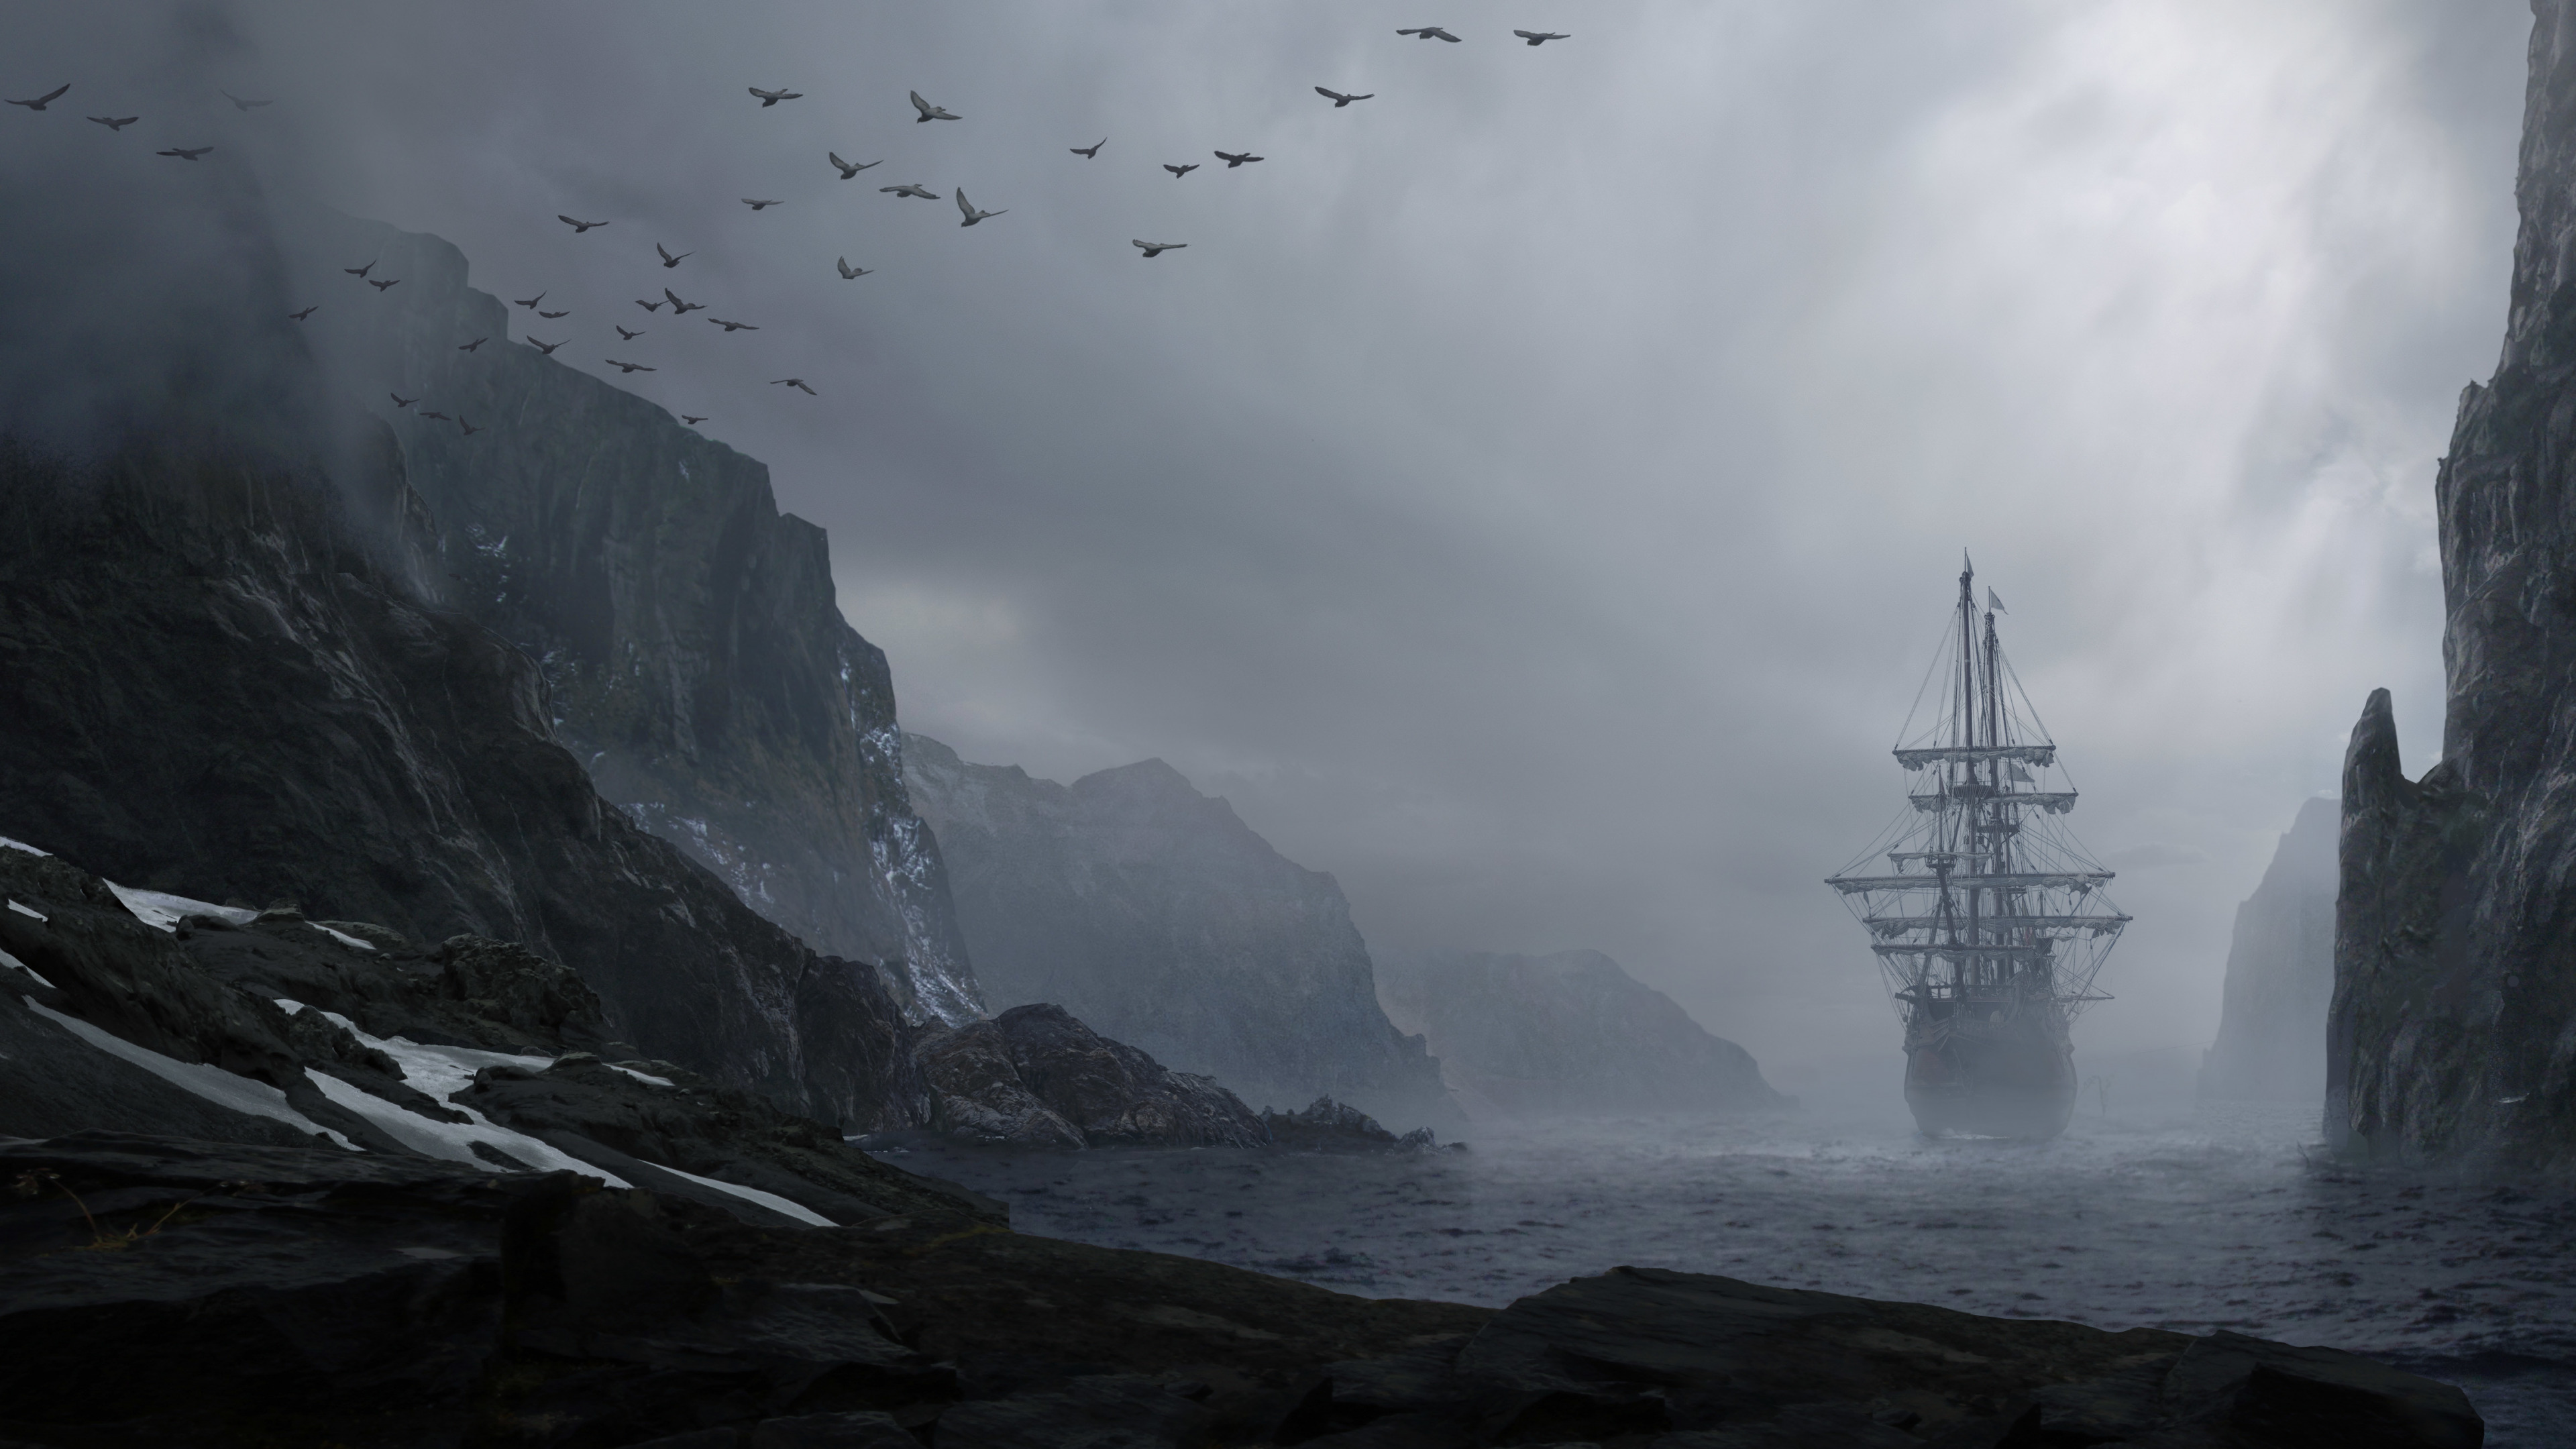 картинка корабль море скалы рукав-крылышко